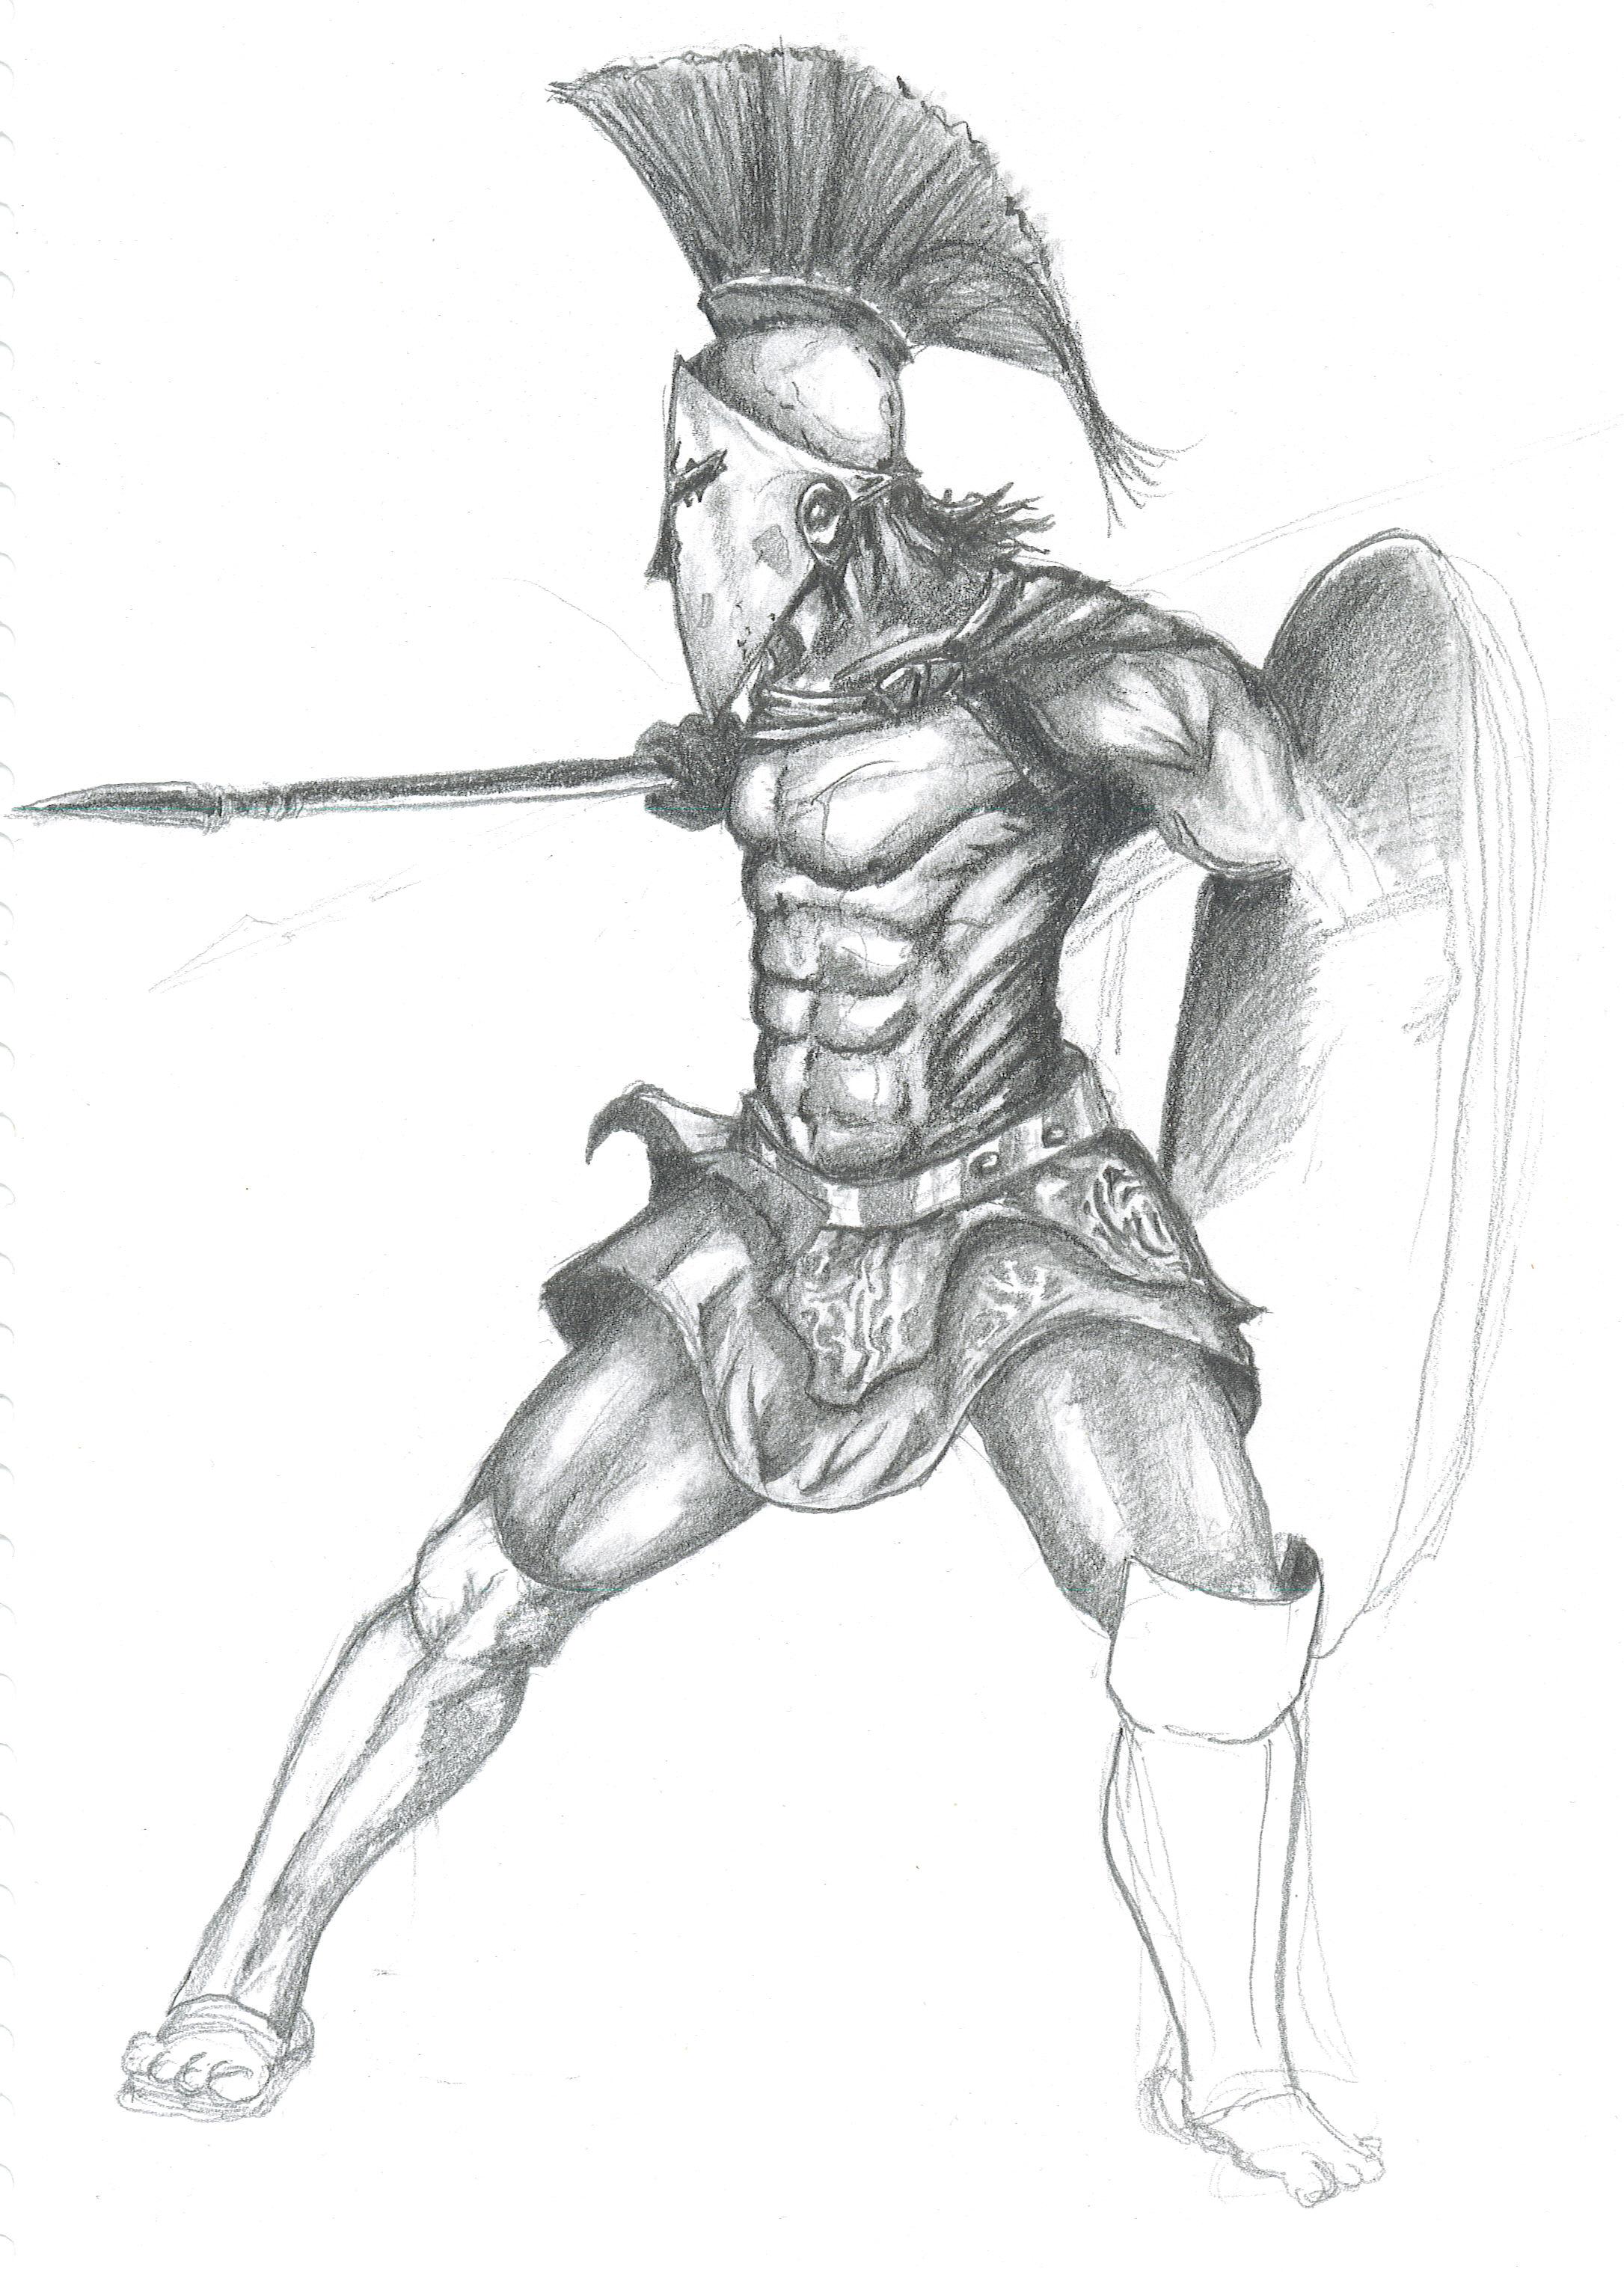 Drawn viking awesome · Viking Hawaiian Warrior Drawing